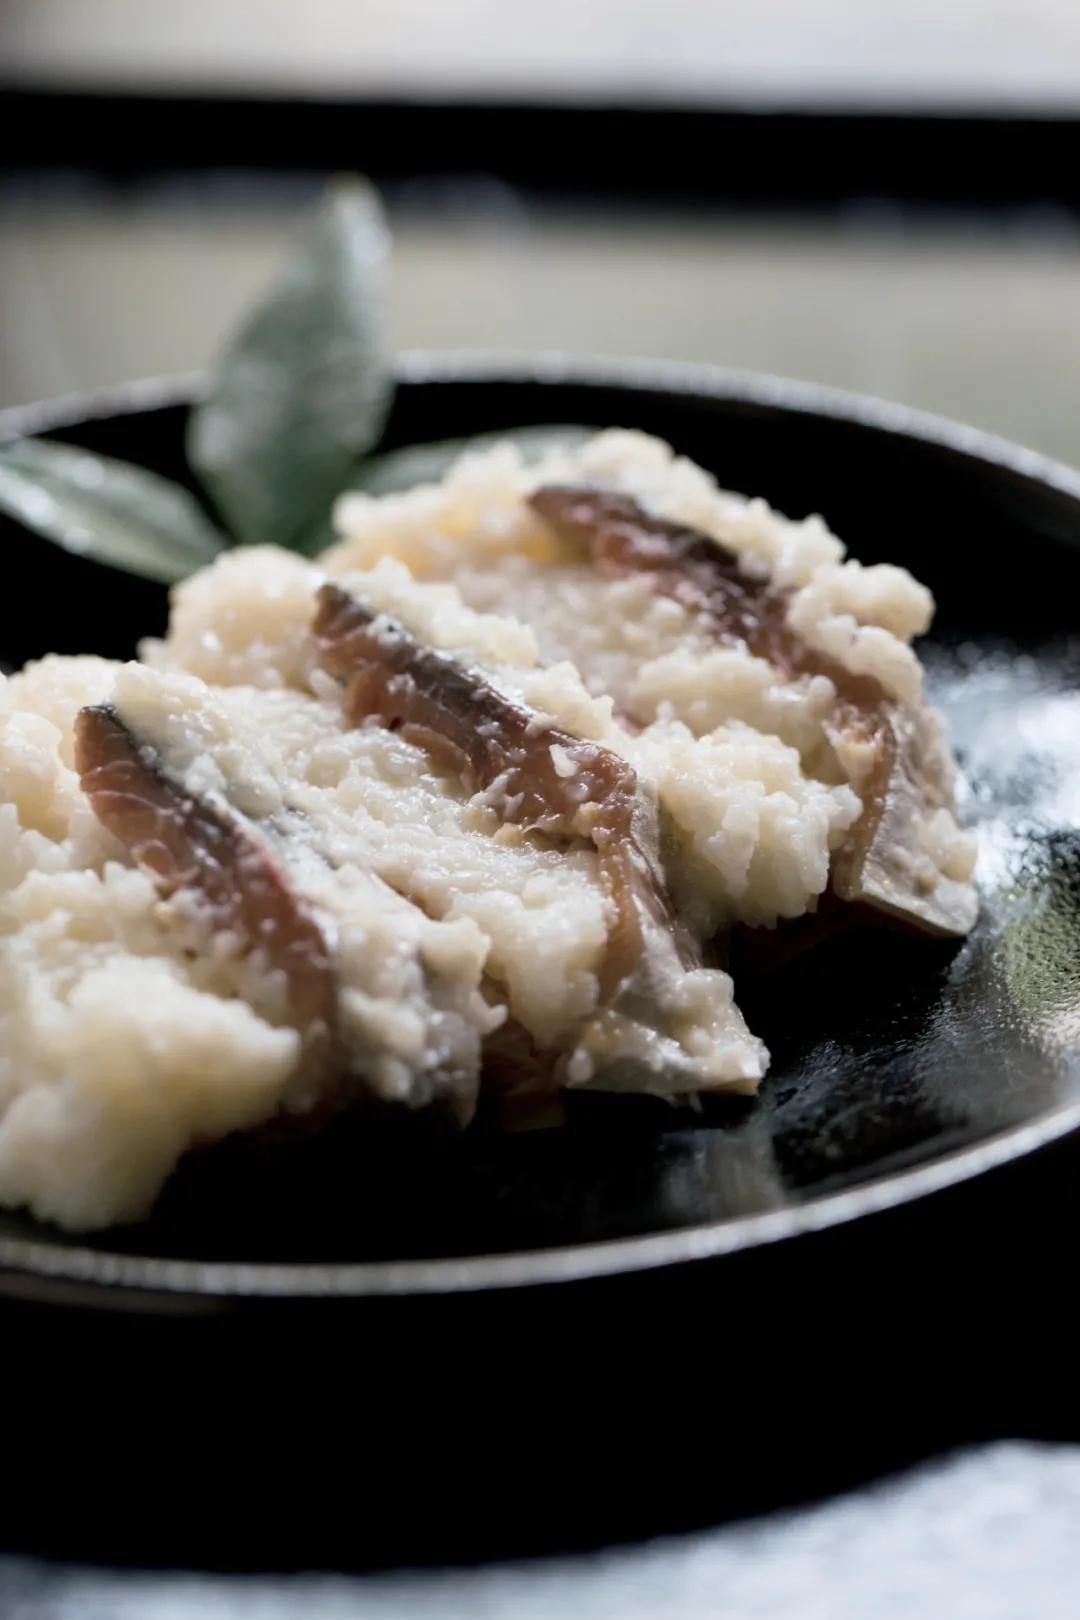 寿司为什么吃起来酸酸的?